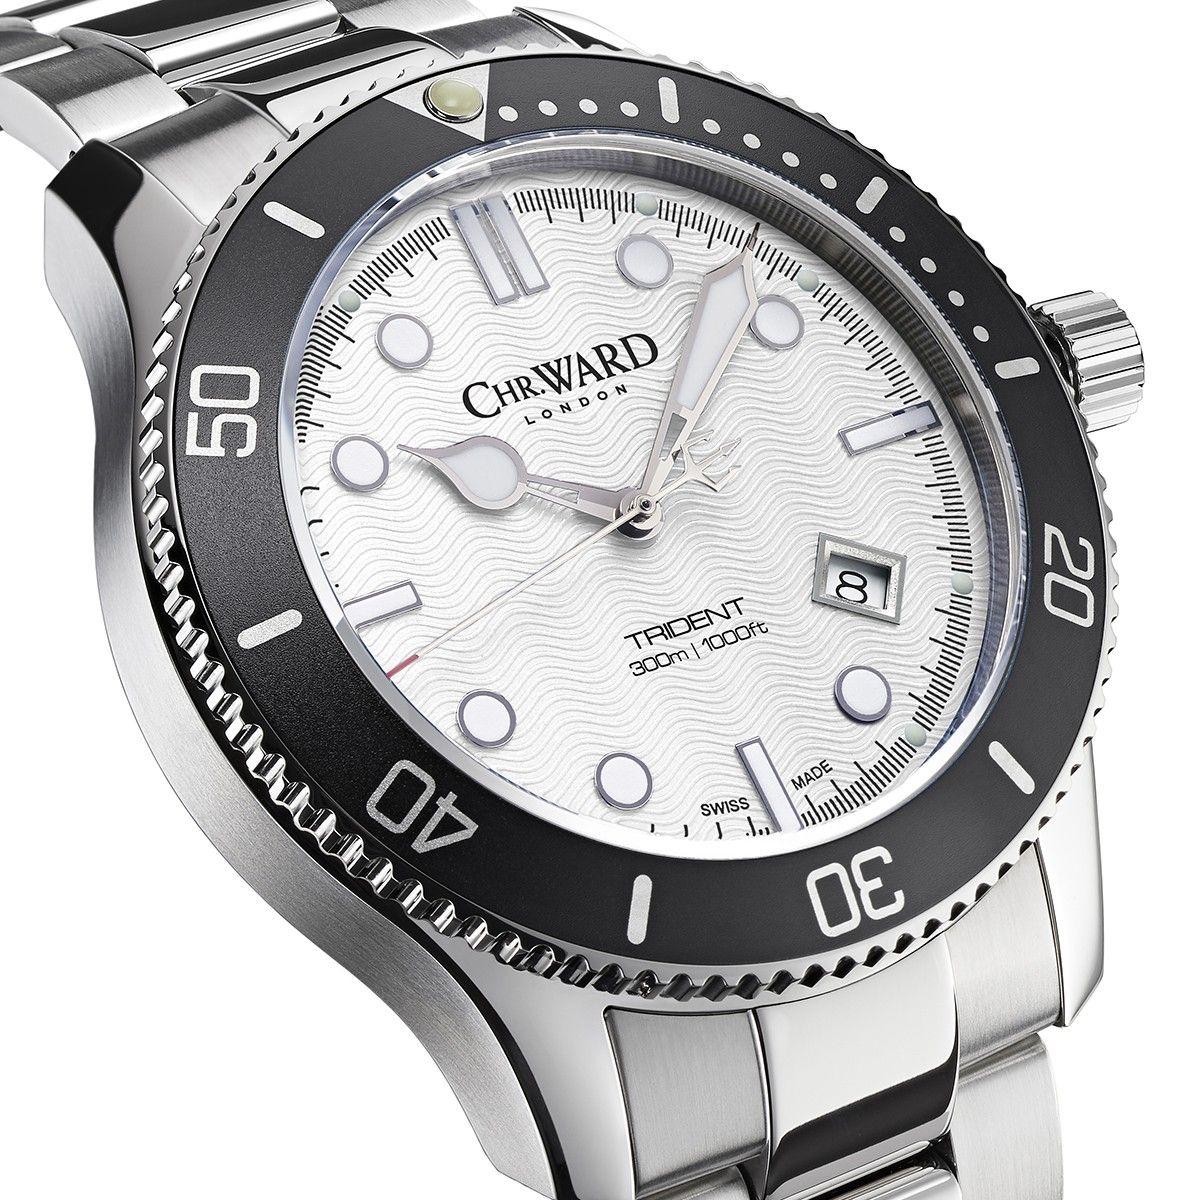 chr ward c60 trident 300 watches pinterest trident and watch